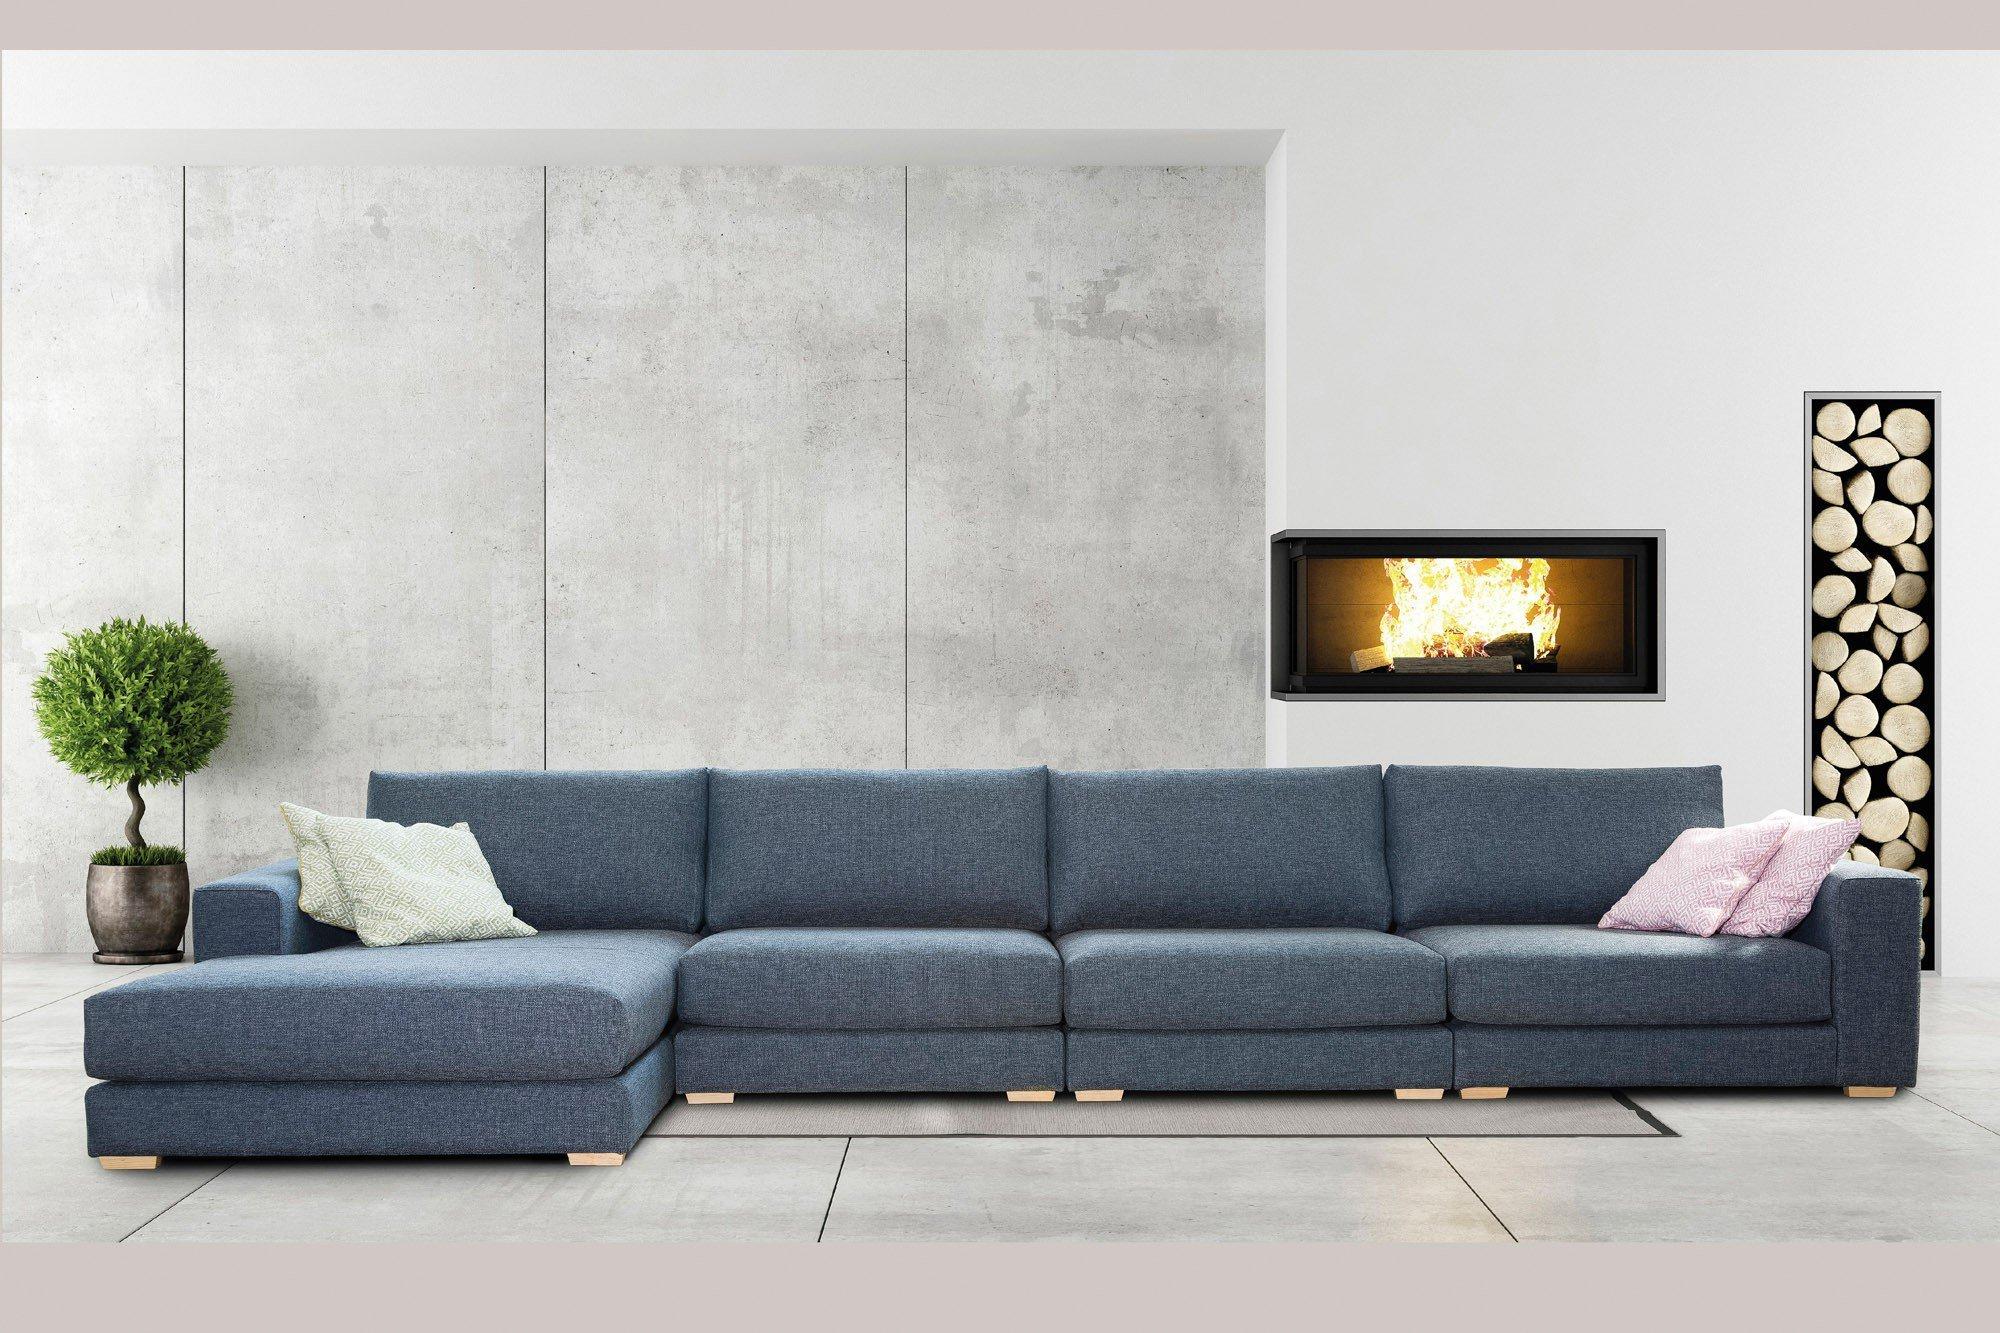 Viale Spazio Polstergarnitur Blau Grau Mobel Letz Ihr Online Shop